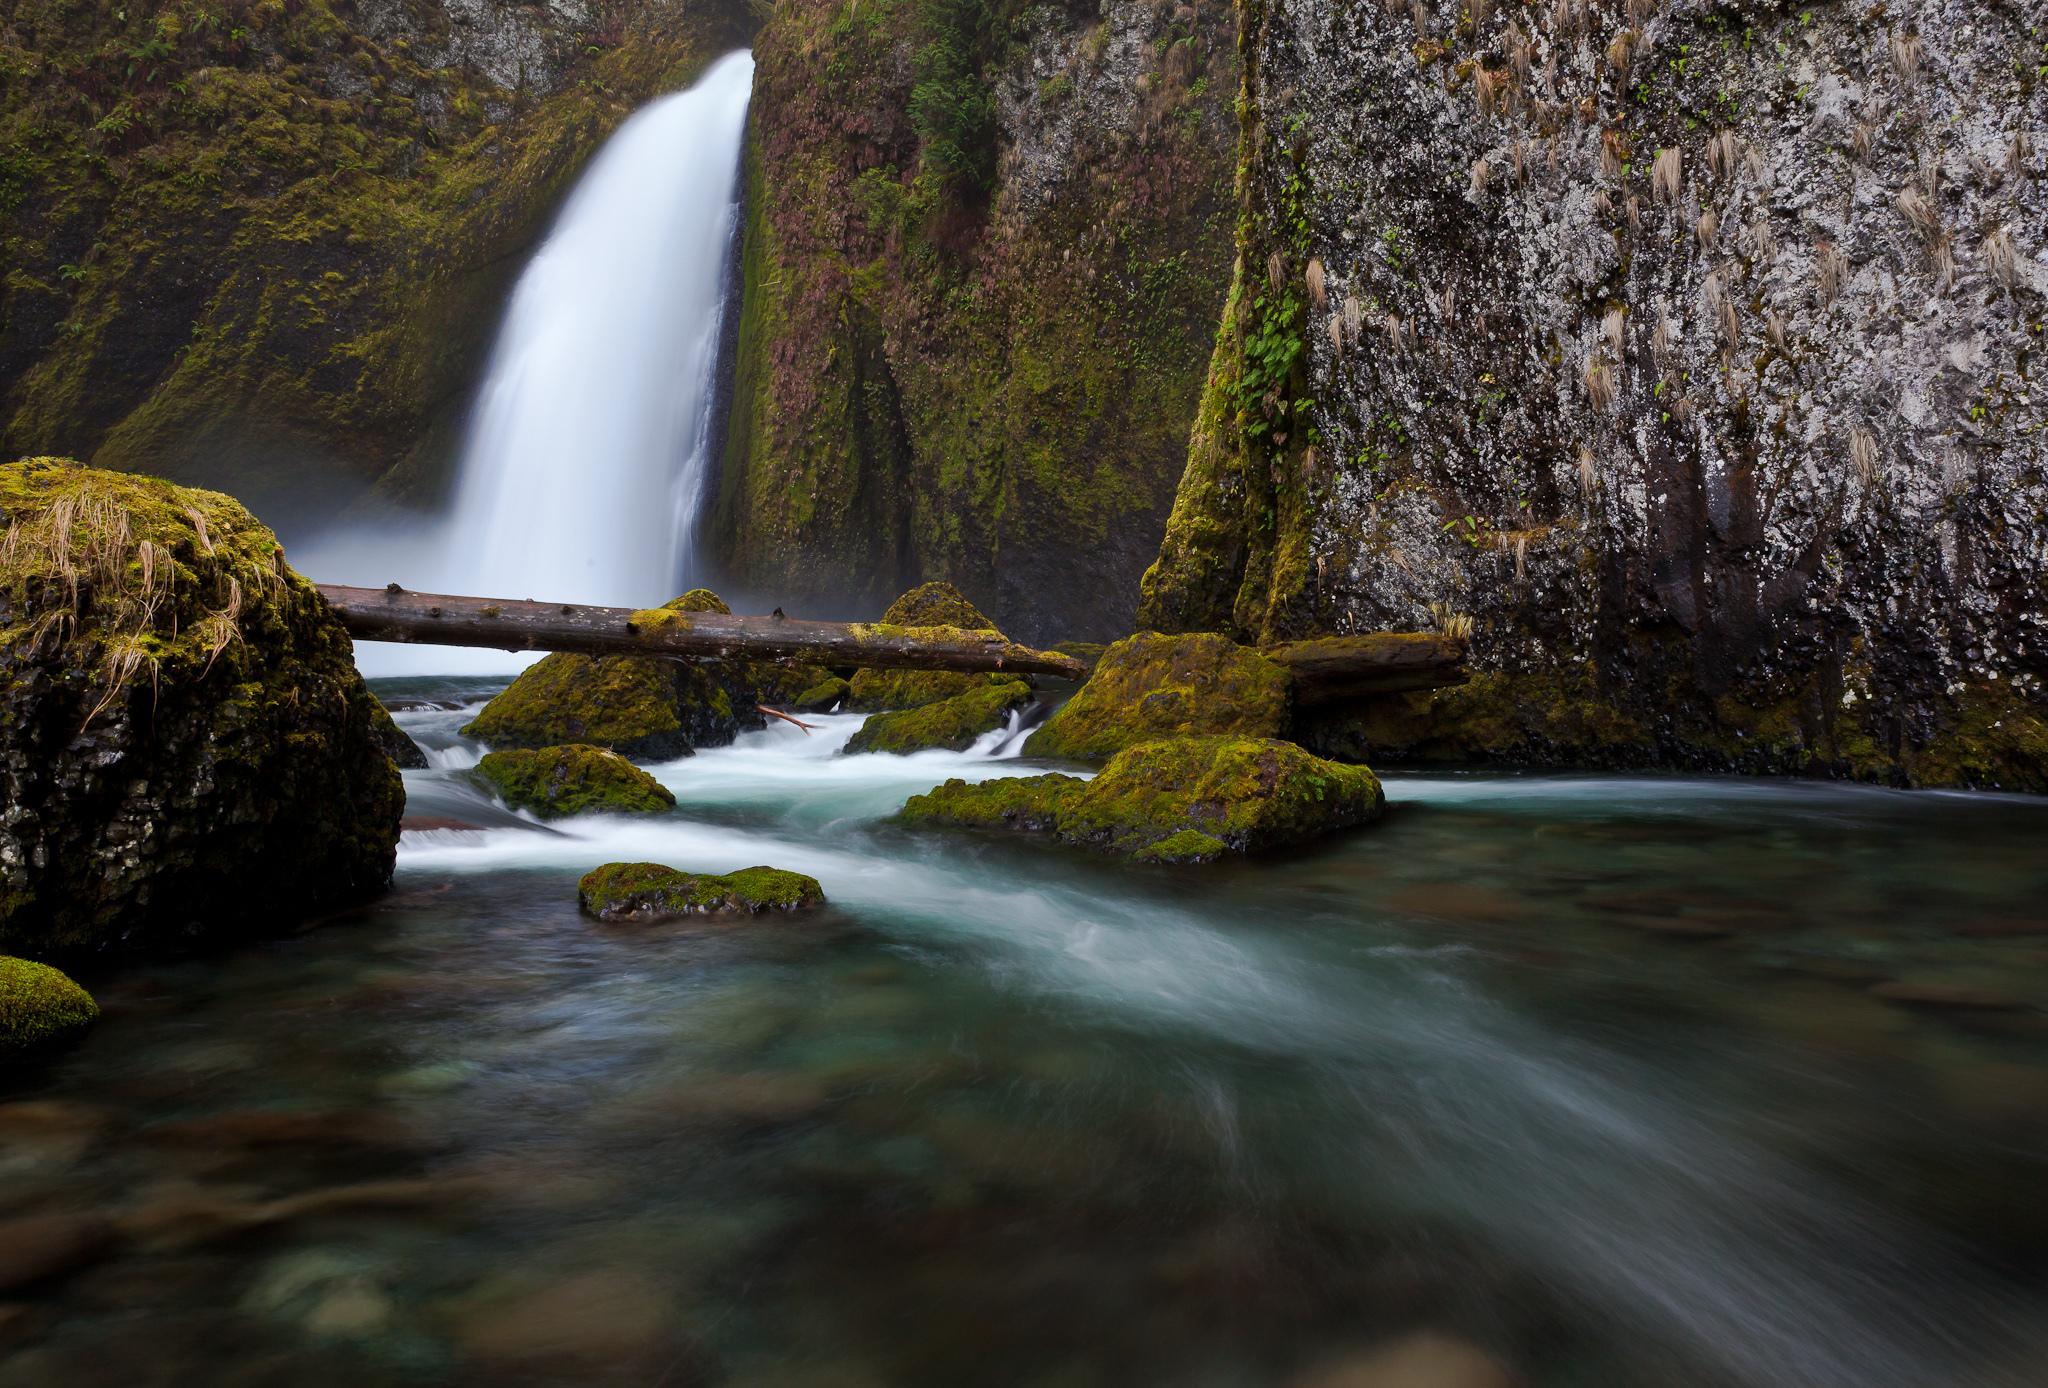 водопад камни скала без смс